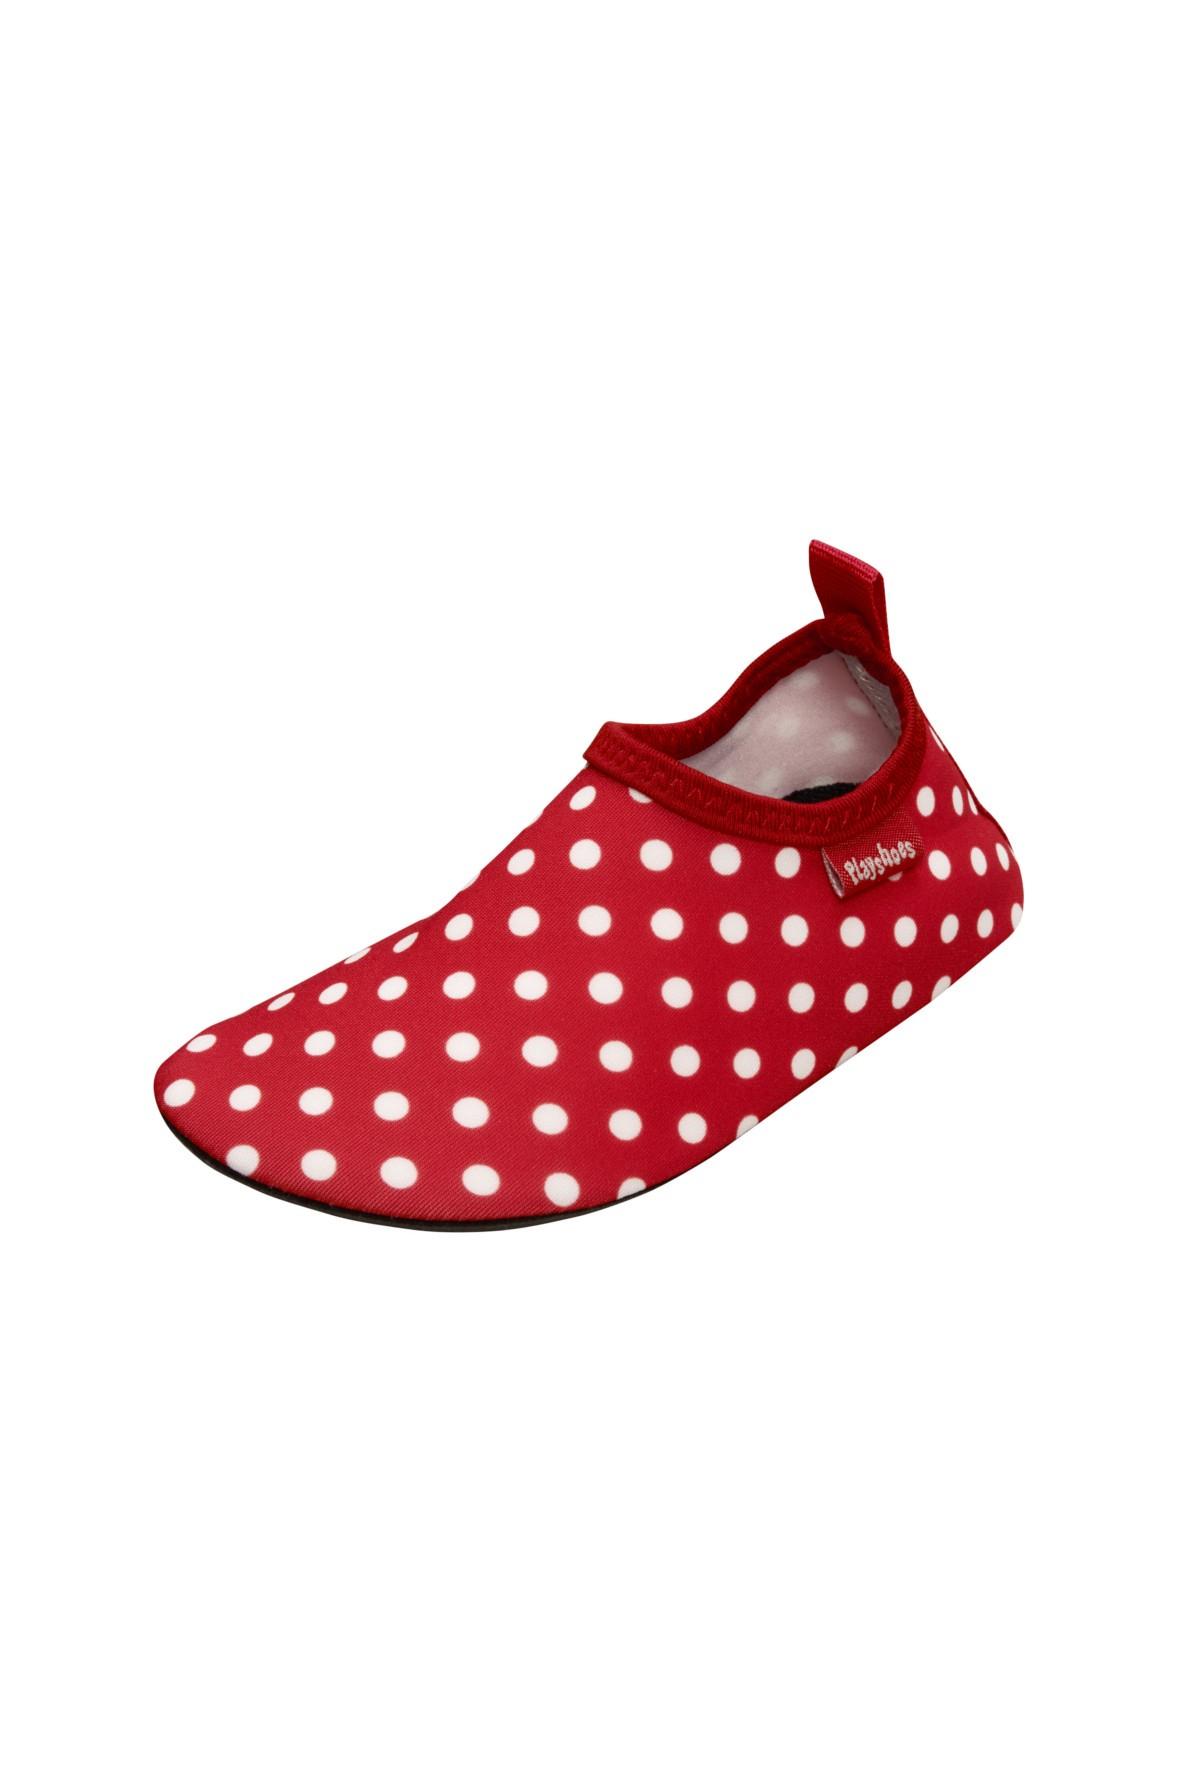 Buty kąpielowe- czerwone i białe kropki